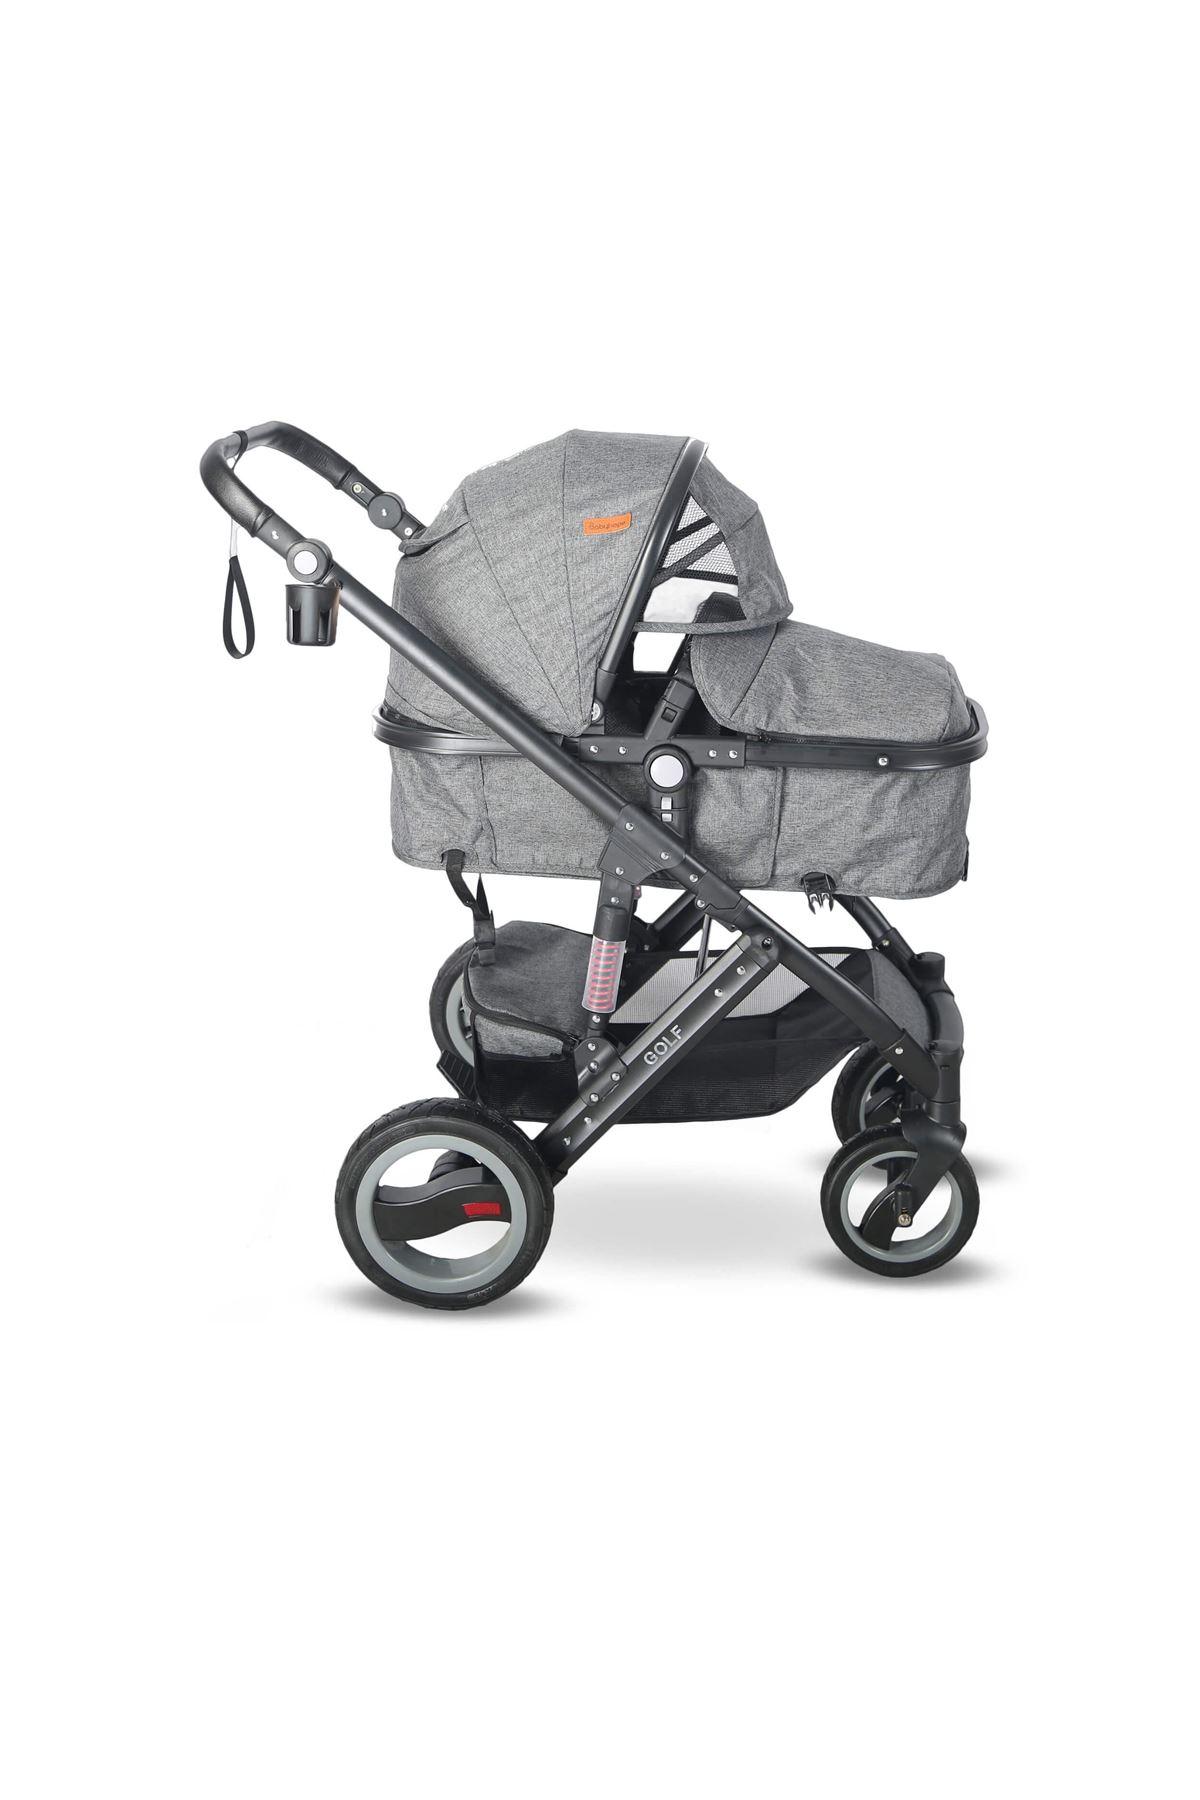 Babyhope BH-3009 Golf Travel Sistem Bebek Arabası Gold